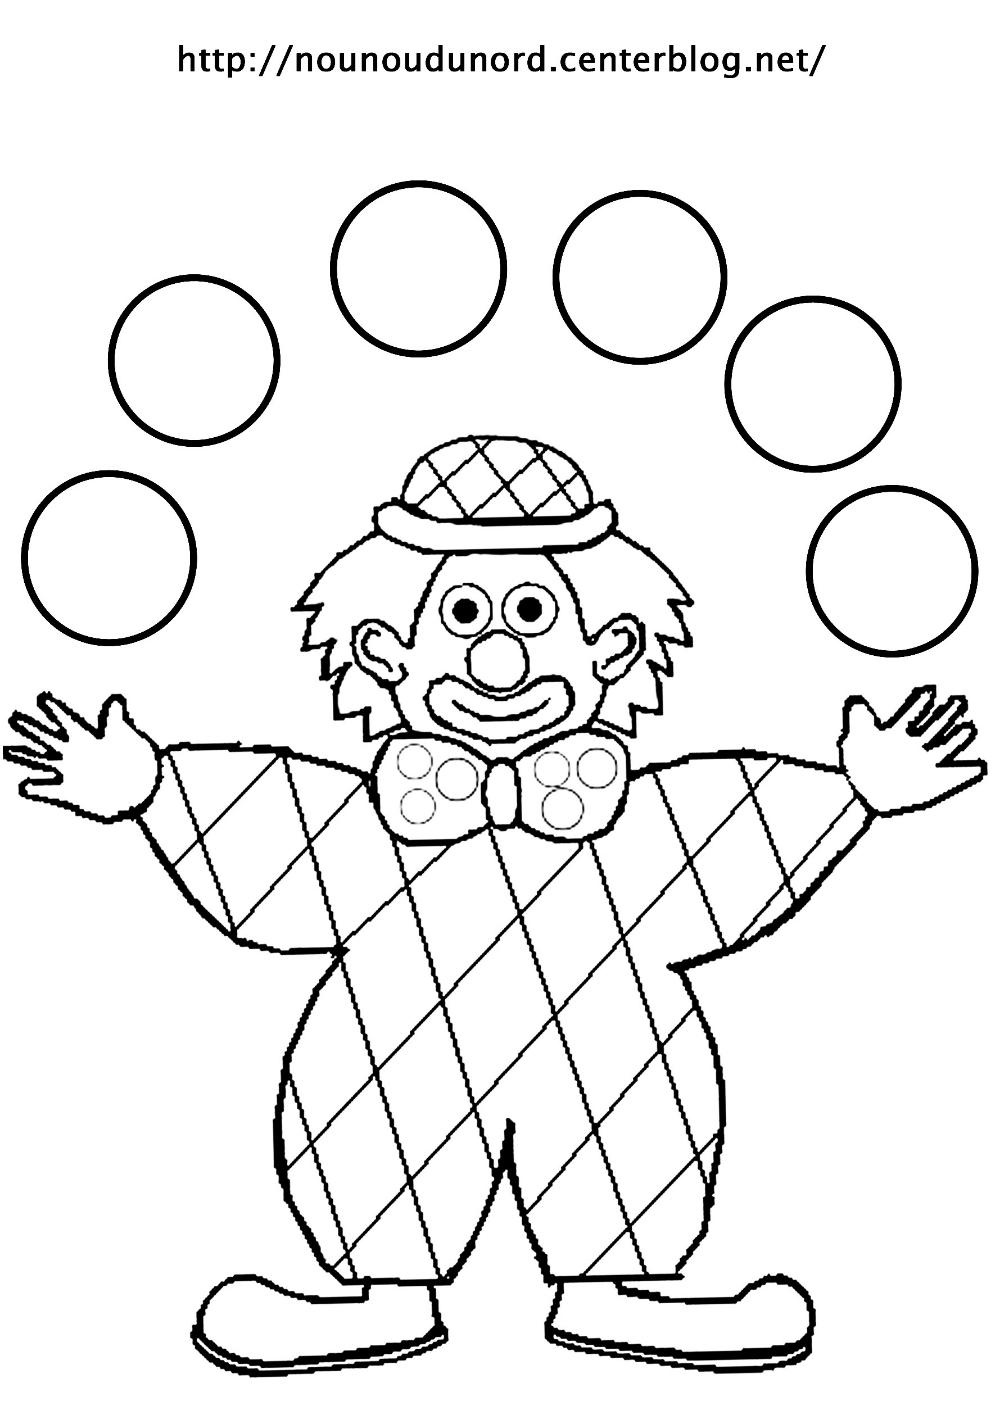 Clown #16 (Personnages) – Coloriages À Imprimer À Coloriage avec Coloriage De Carnaval A Imprimer Gratuit